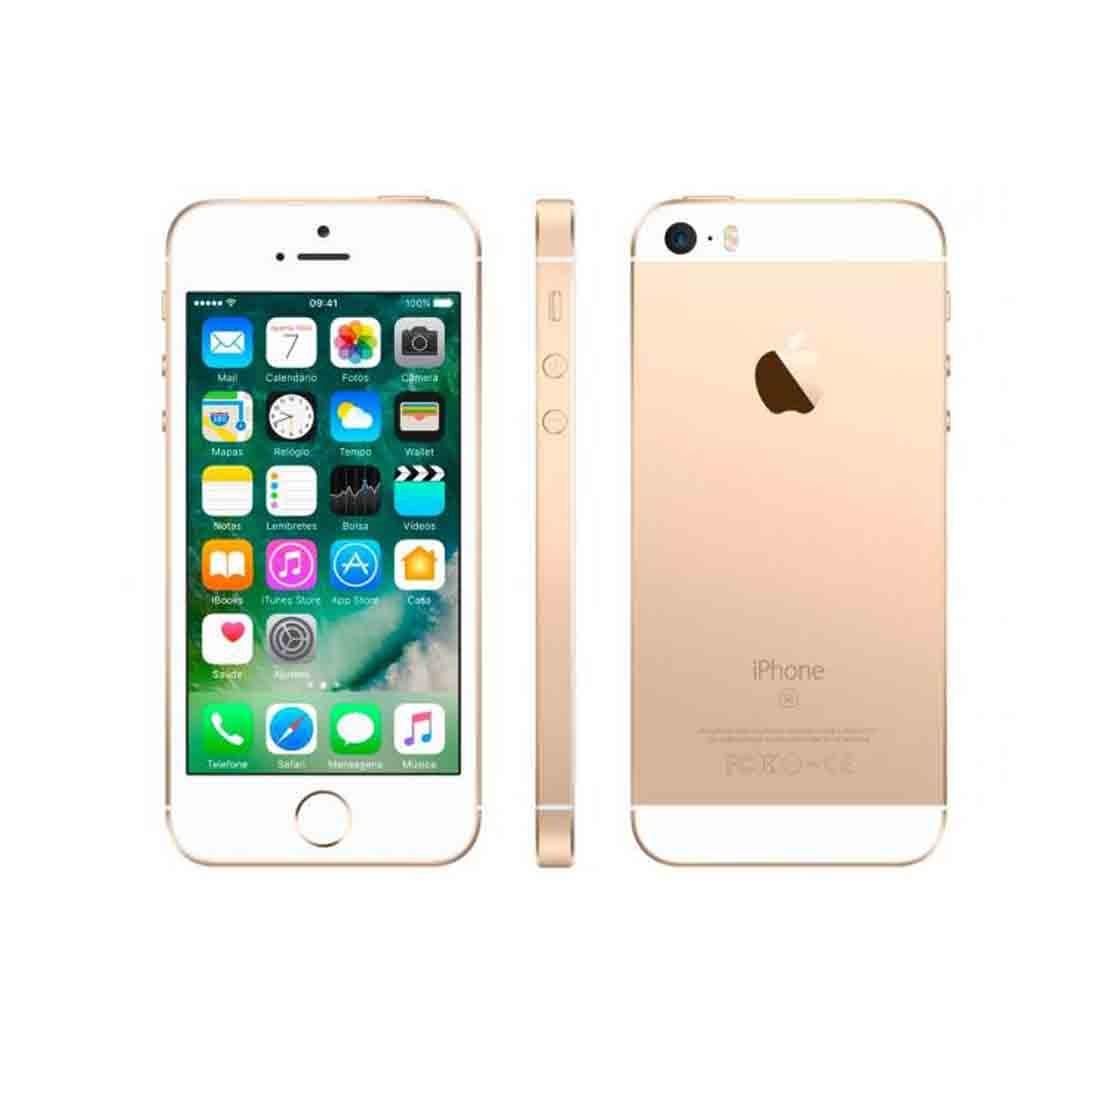 a3cf52937 iPhone Se 32gb Dourado Apple - 4g, Tela 4 - R$ 2.063,49 em Mercado Livre